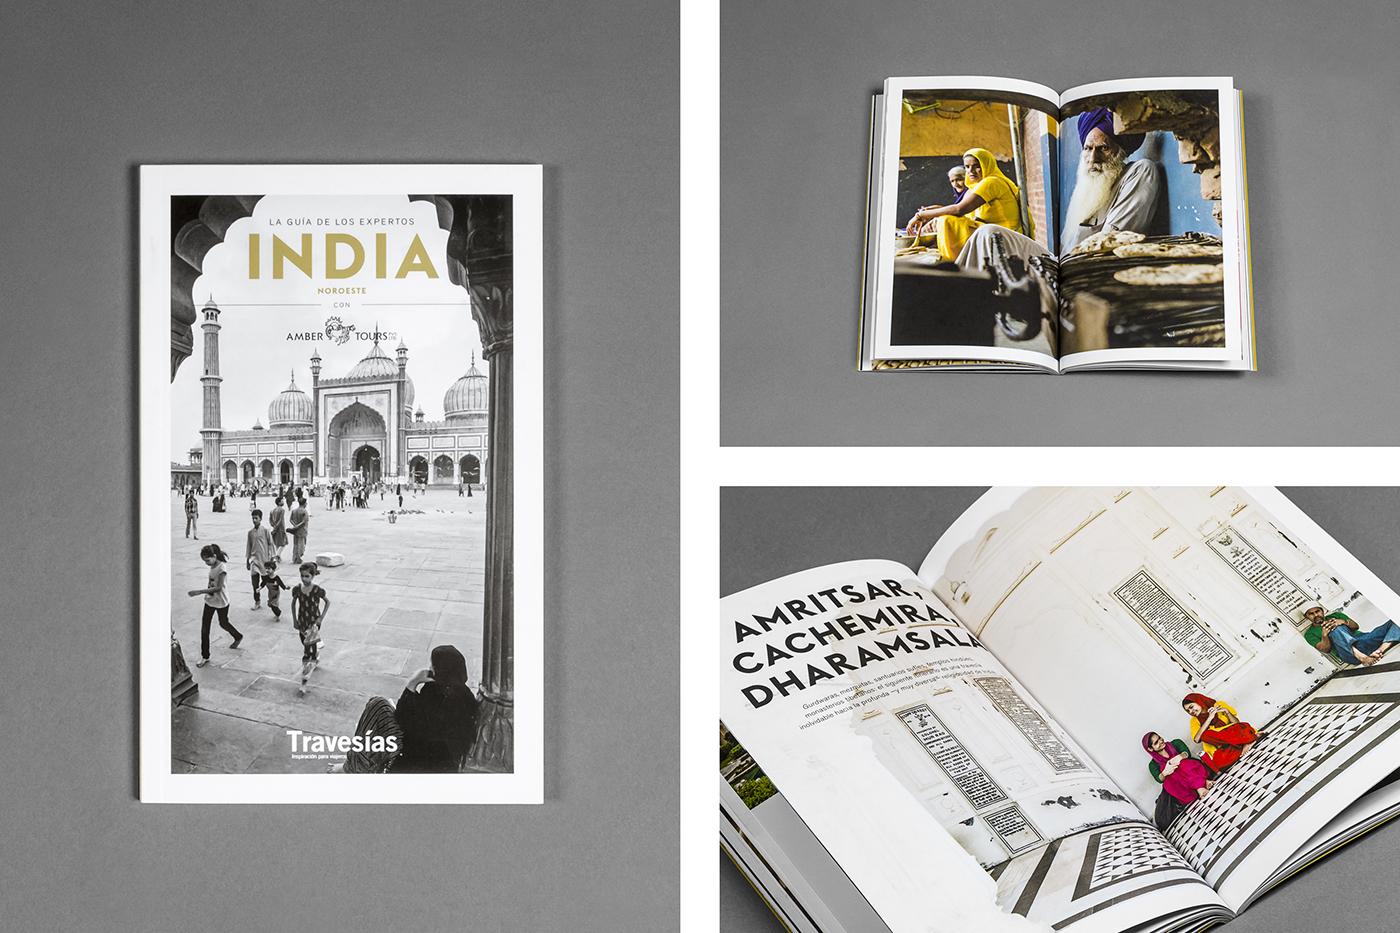 La guía de los expertos India Noroeste con Amber Tours